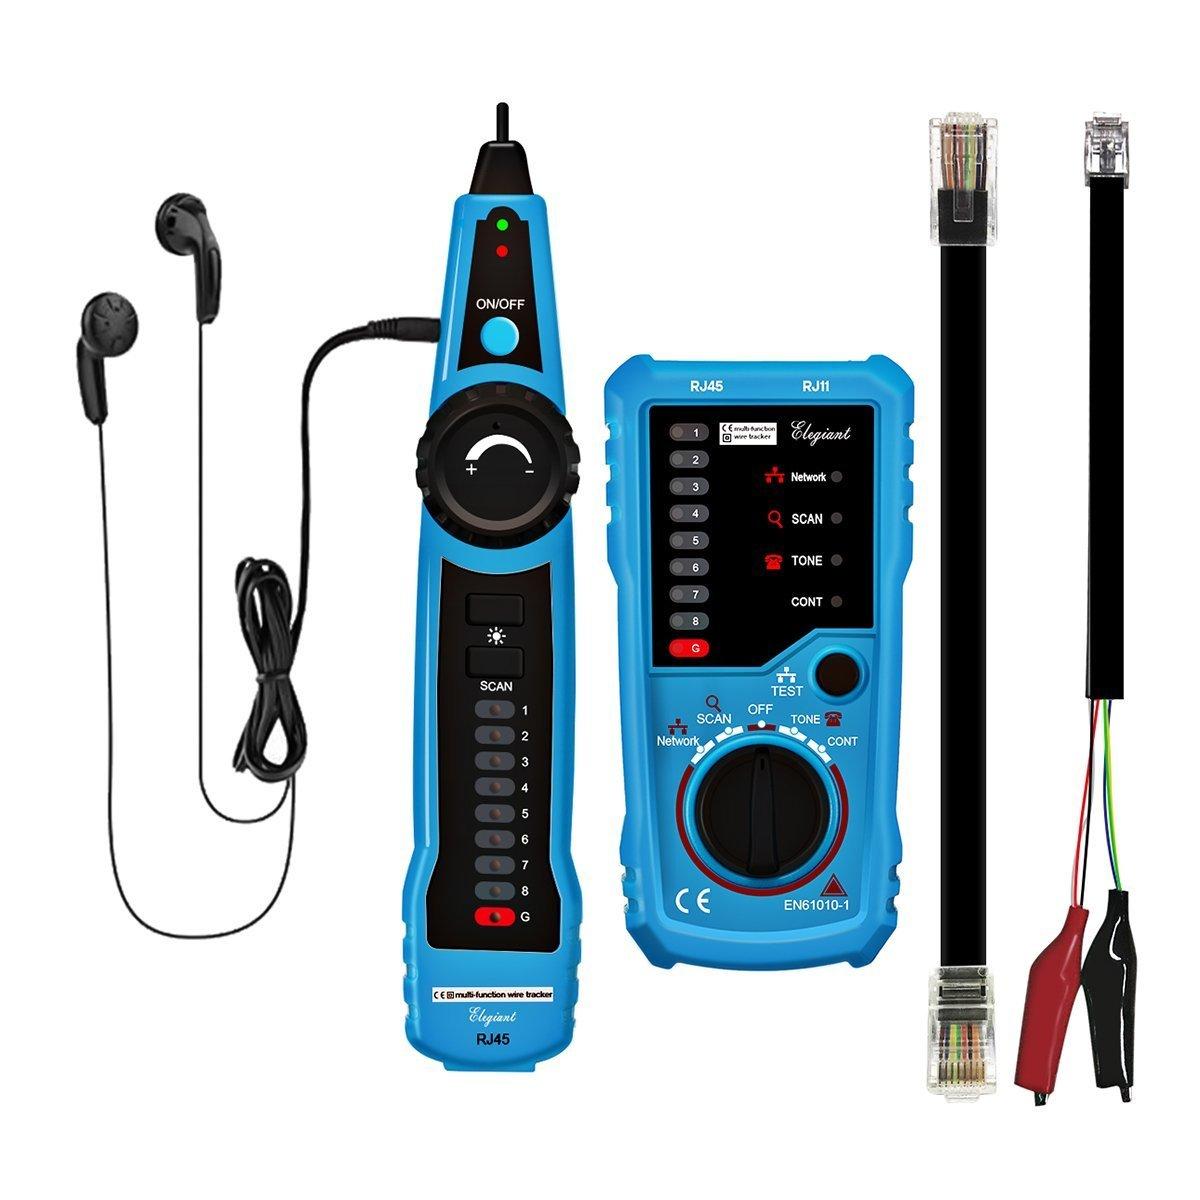 ELEGIANT Wire Tracker RJ11 RJ45 LAN Network Cable Tester Detector Multifunction Line Finder Toner Ethernet ELEGIANT Co. LTD ELEGIANTUHuVbxUwj